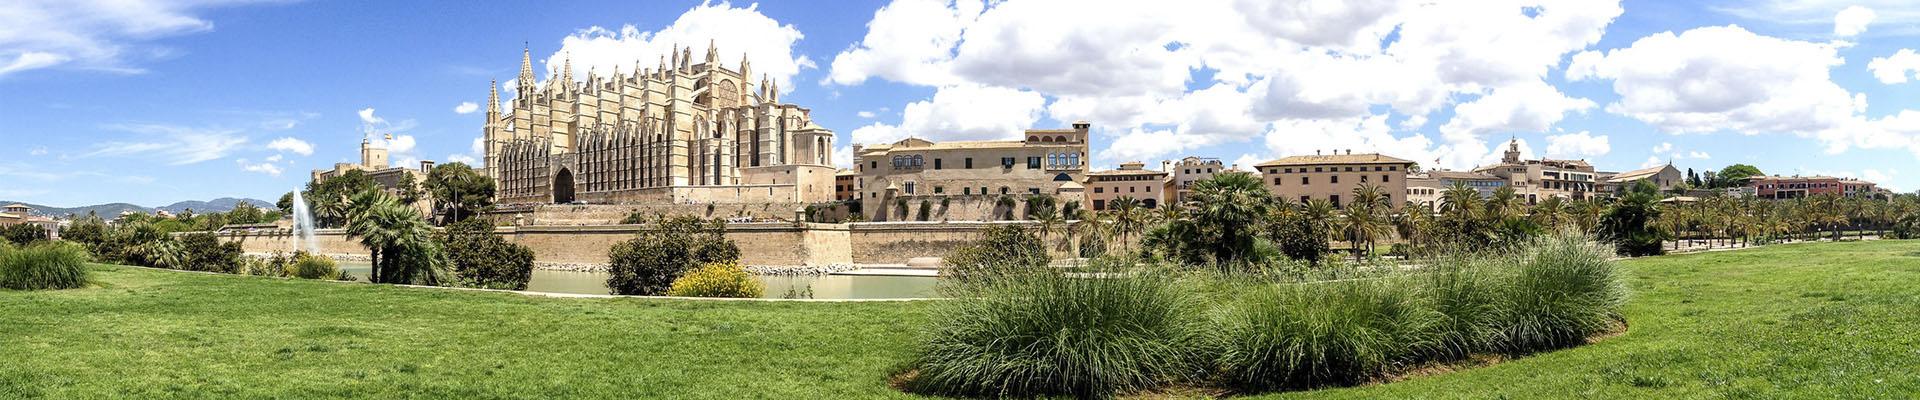 Изображение Кафедральный собор Пальмы, Майорка